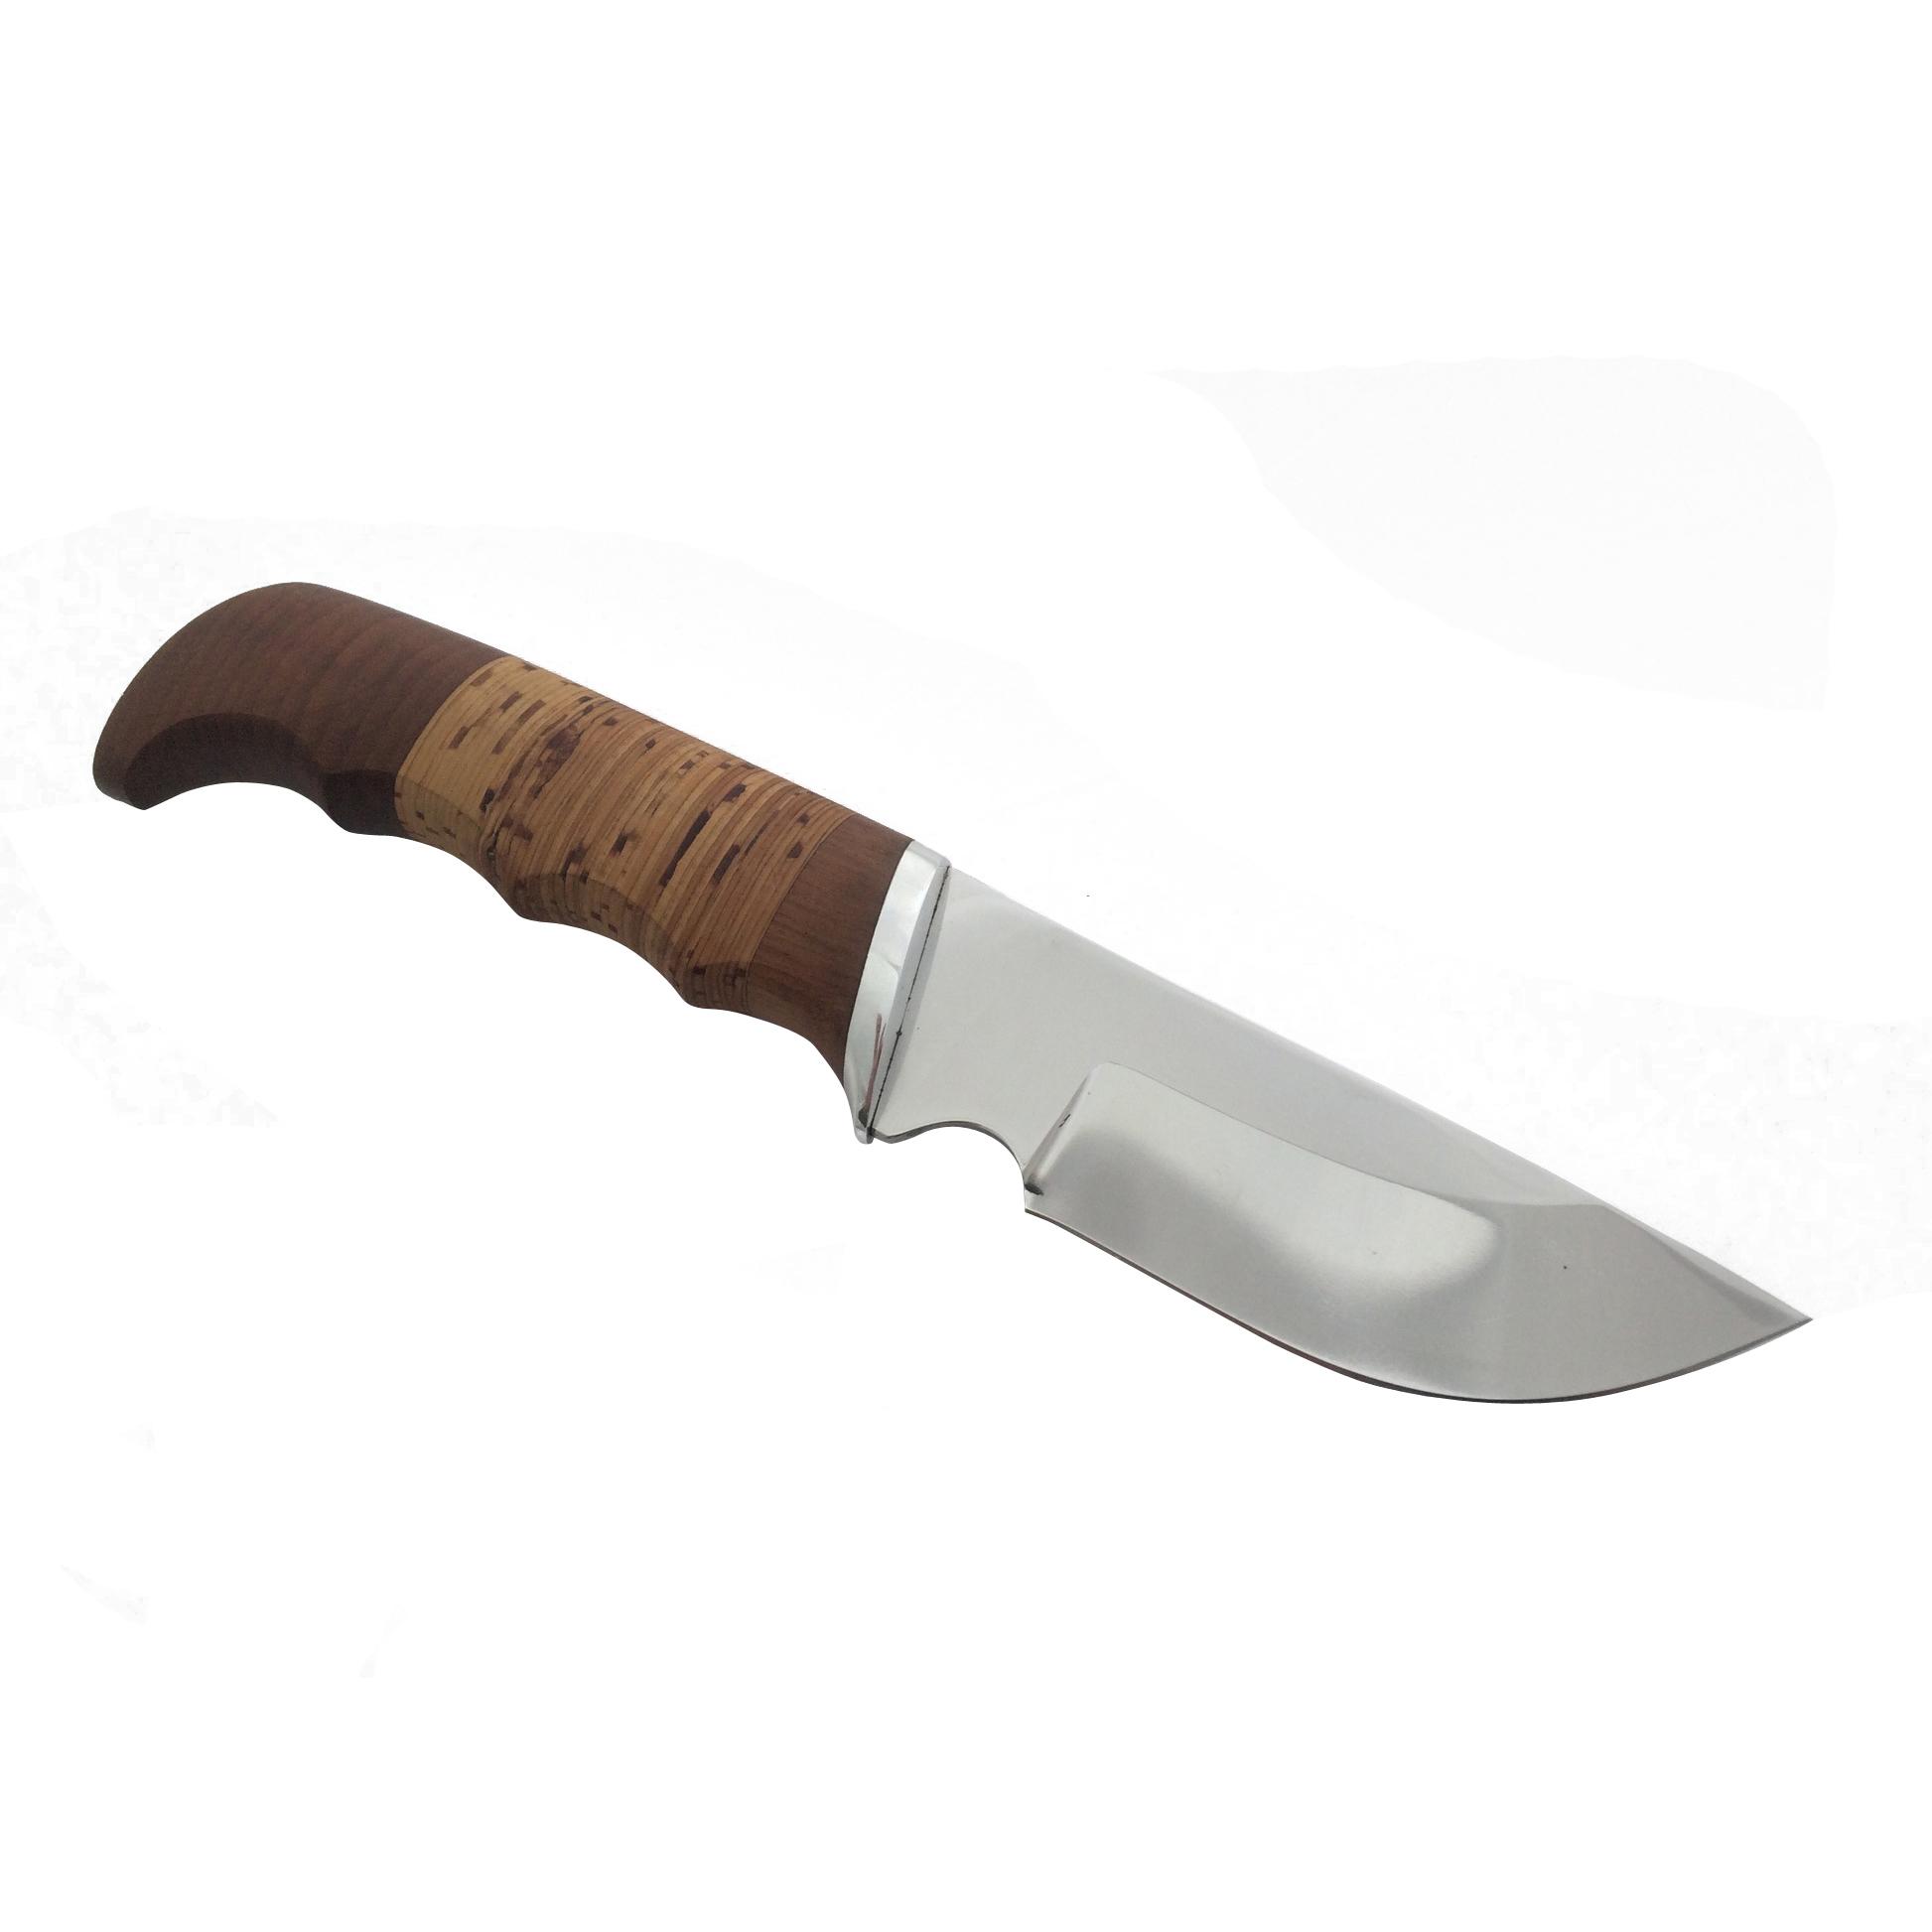 Фото 3 - Нож Бобр, сталь 95Х18, береста от Фабрика Баринова